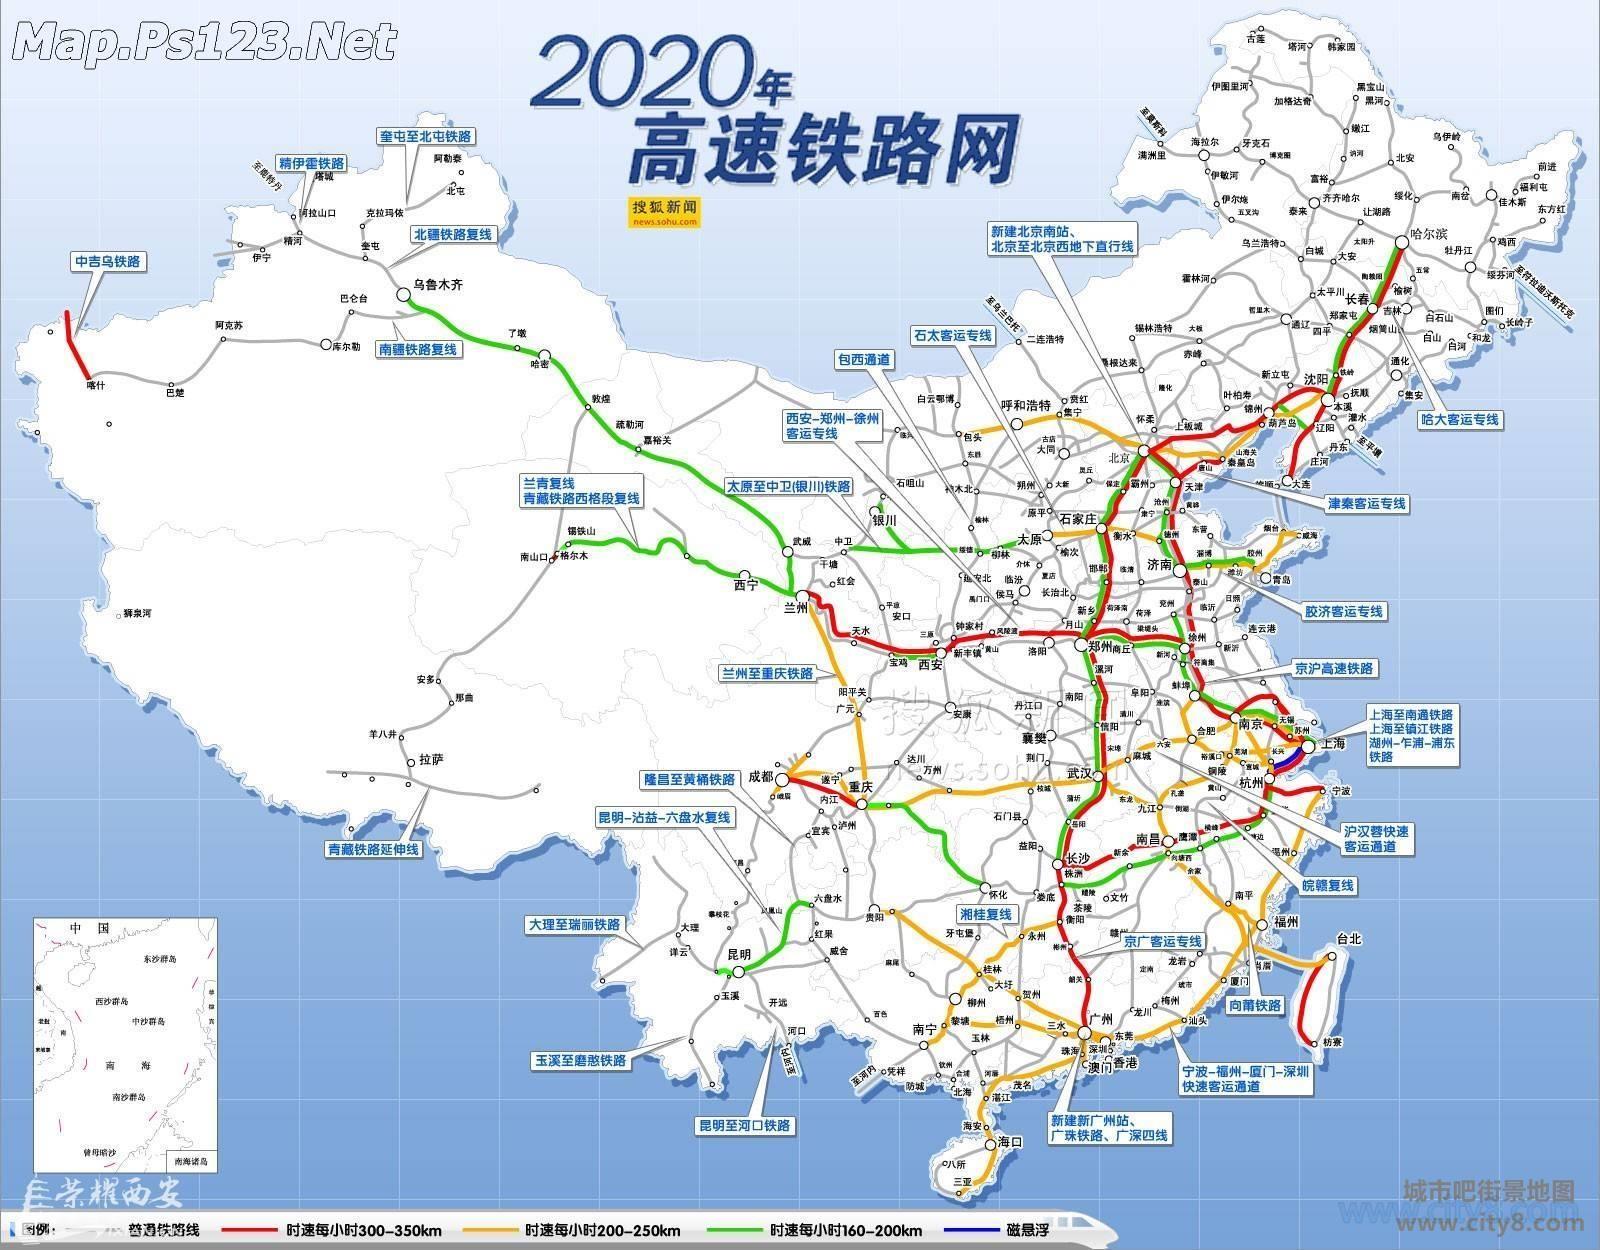 2020年中国高铁线路网